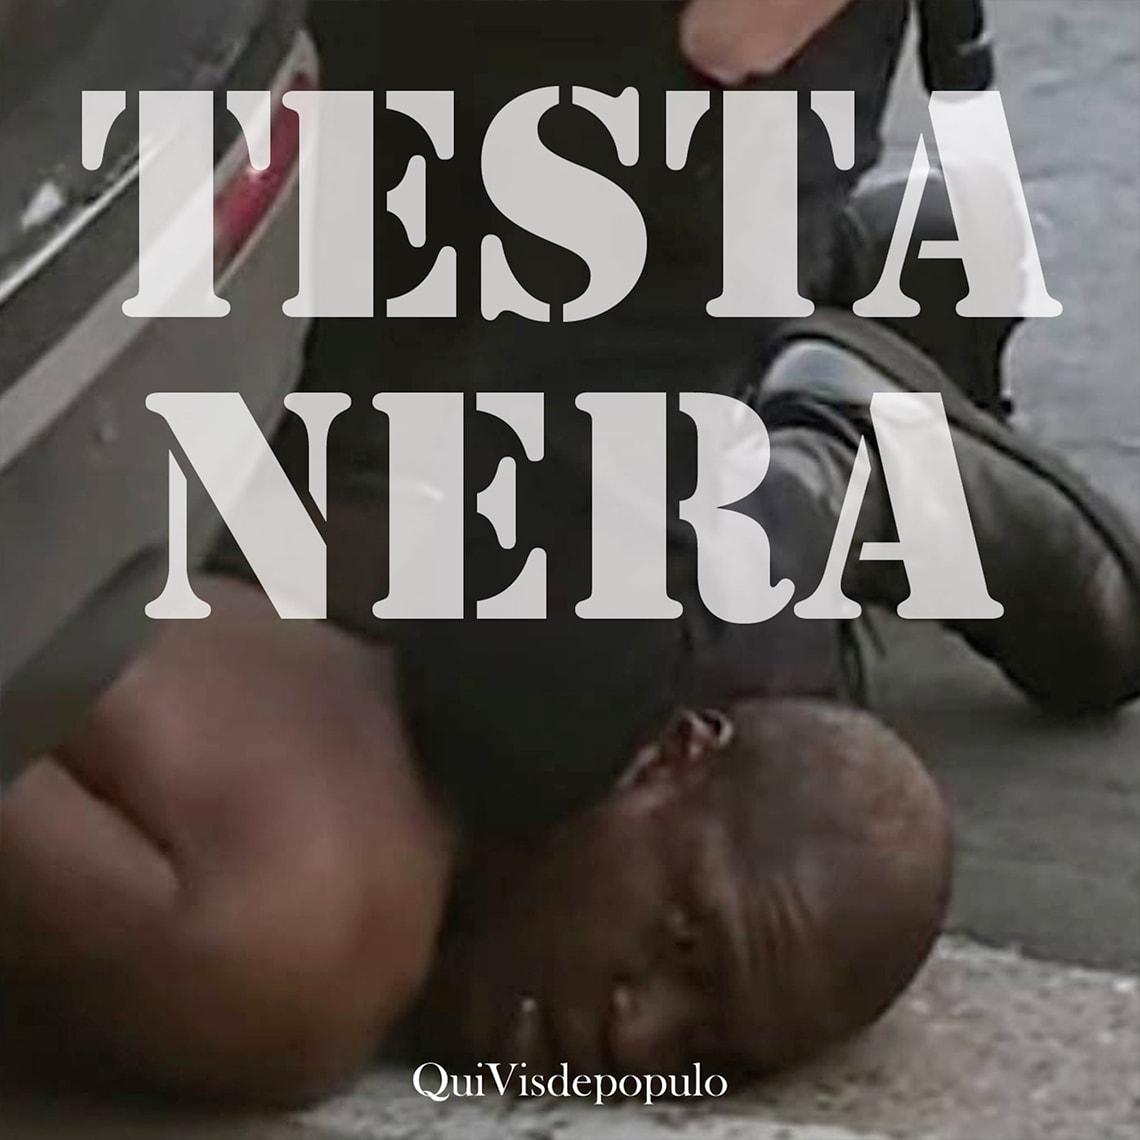 La prima Cover di Testa Nera cassata da Itunes per violazione di diritti di copyright